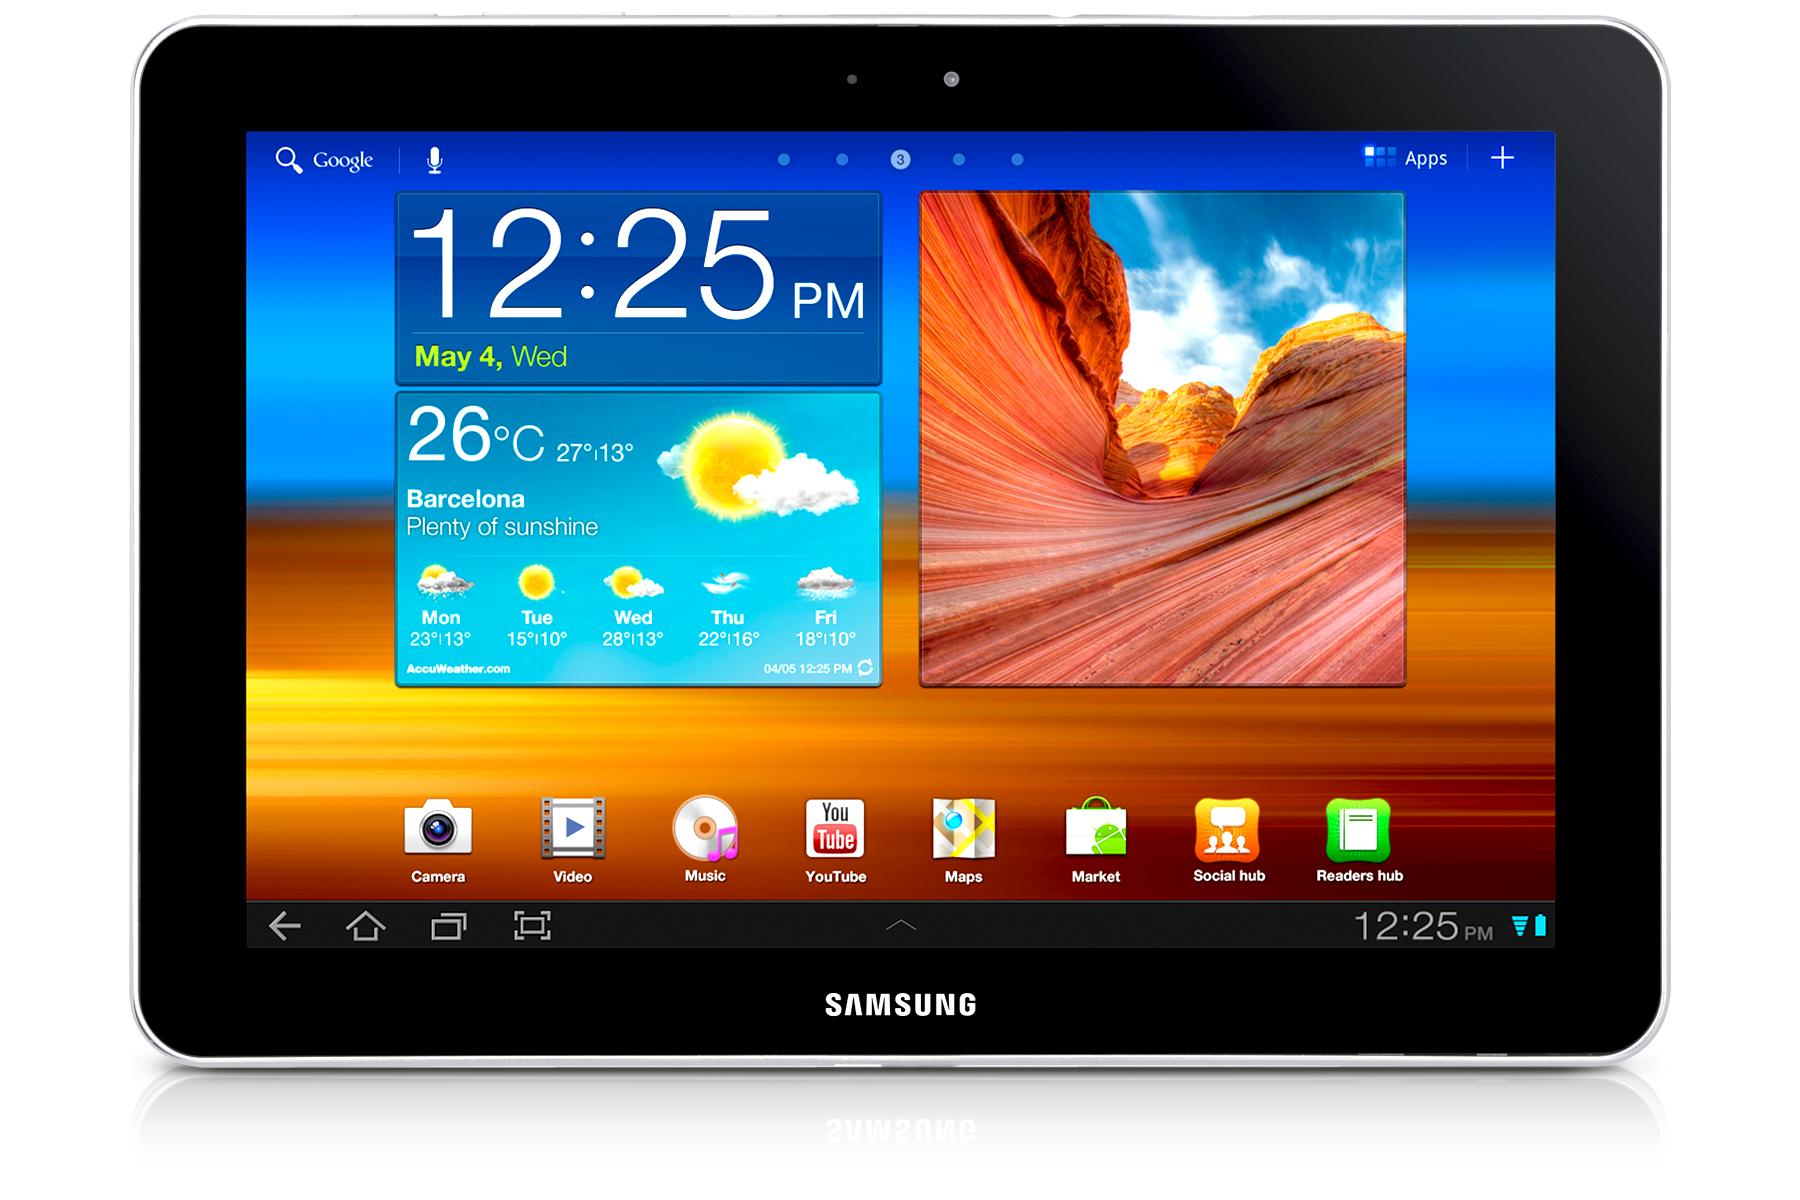 Galaxy Tab (10.1, 3G)